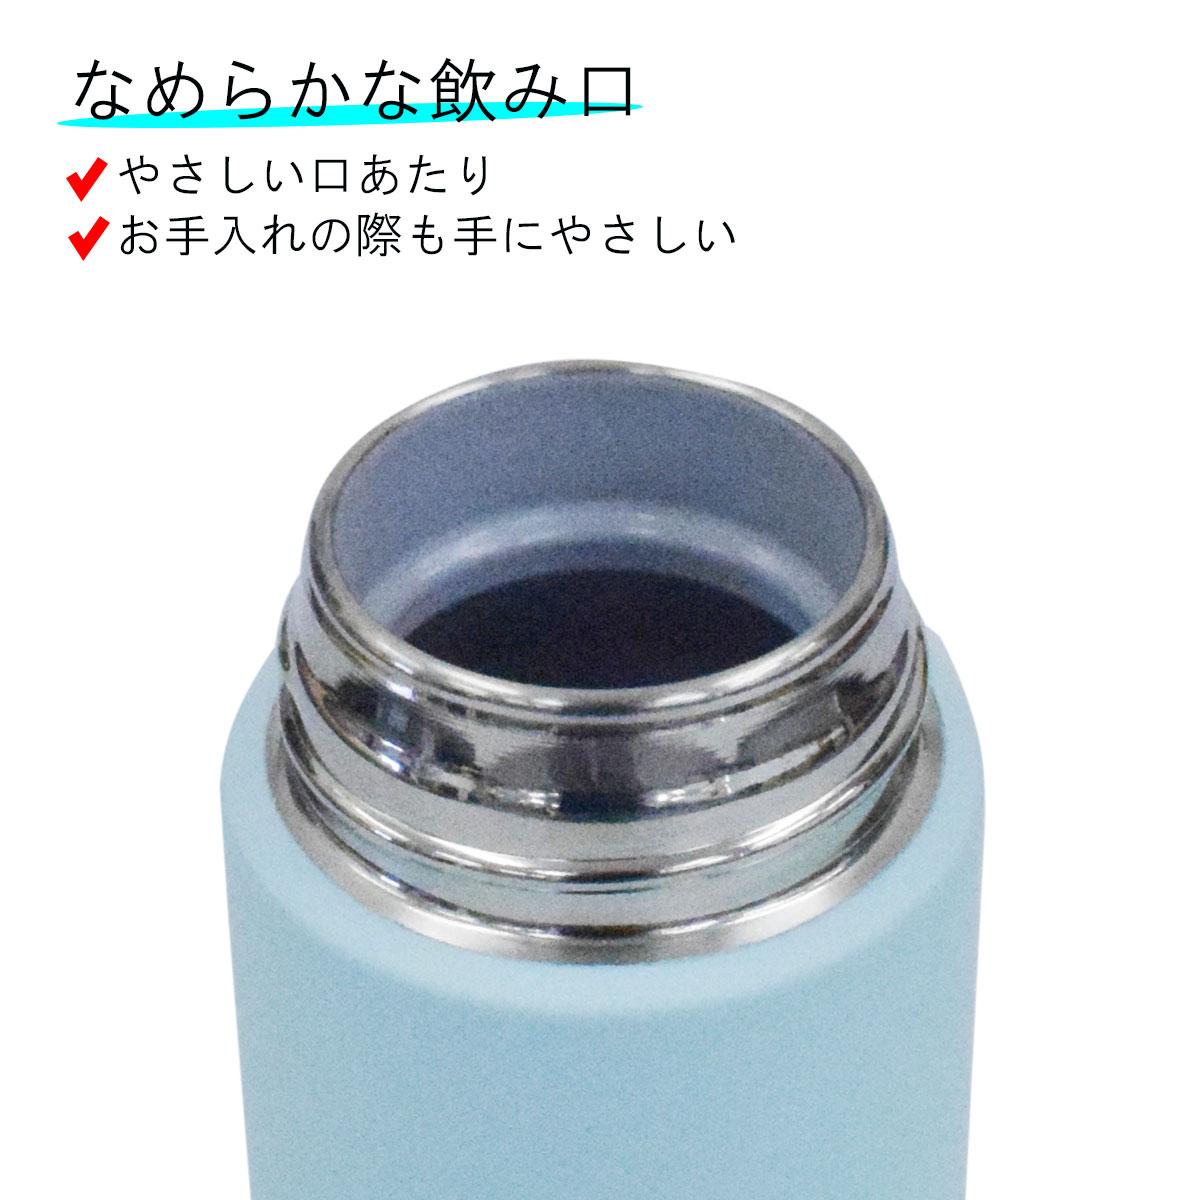 象印 TUFF ステンレスマグボトル 480ml SM-ZA48